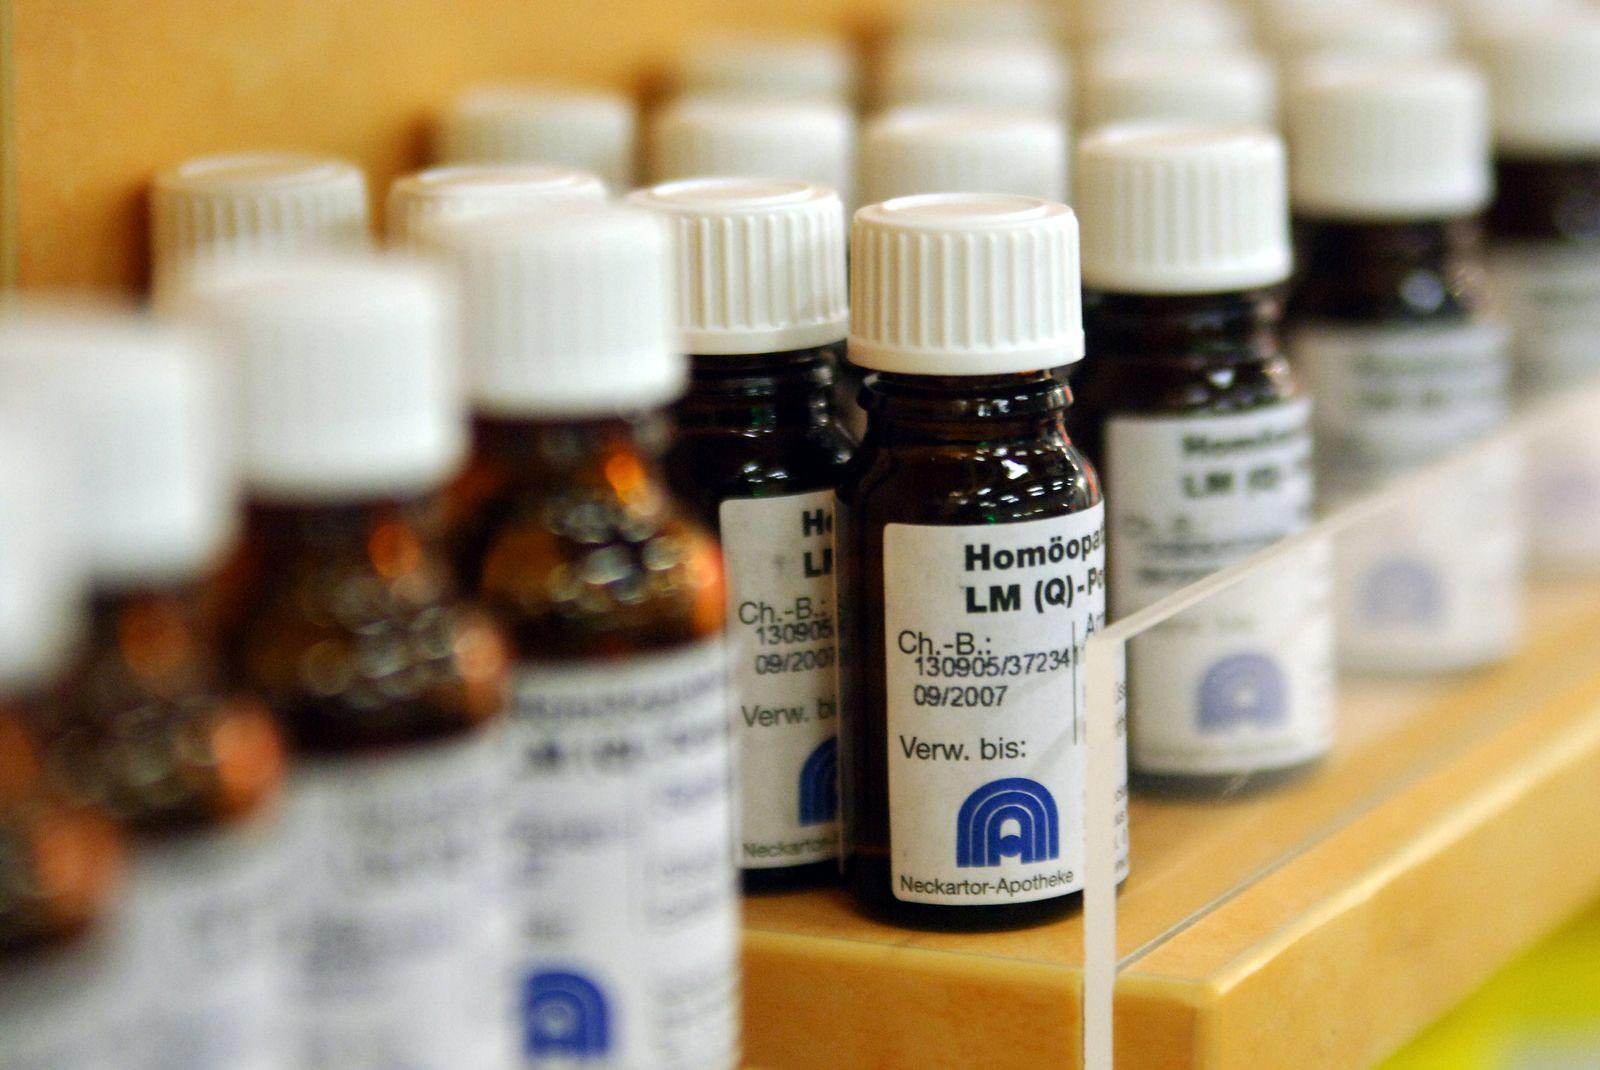 NICHT VERWENDEN Homöopathie / Medikamente